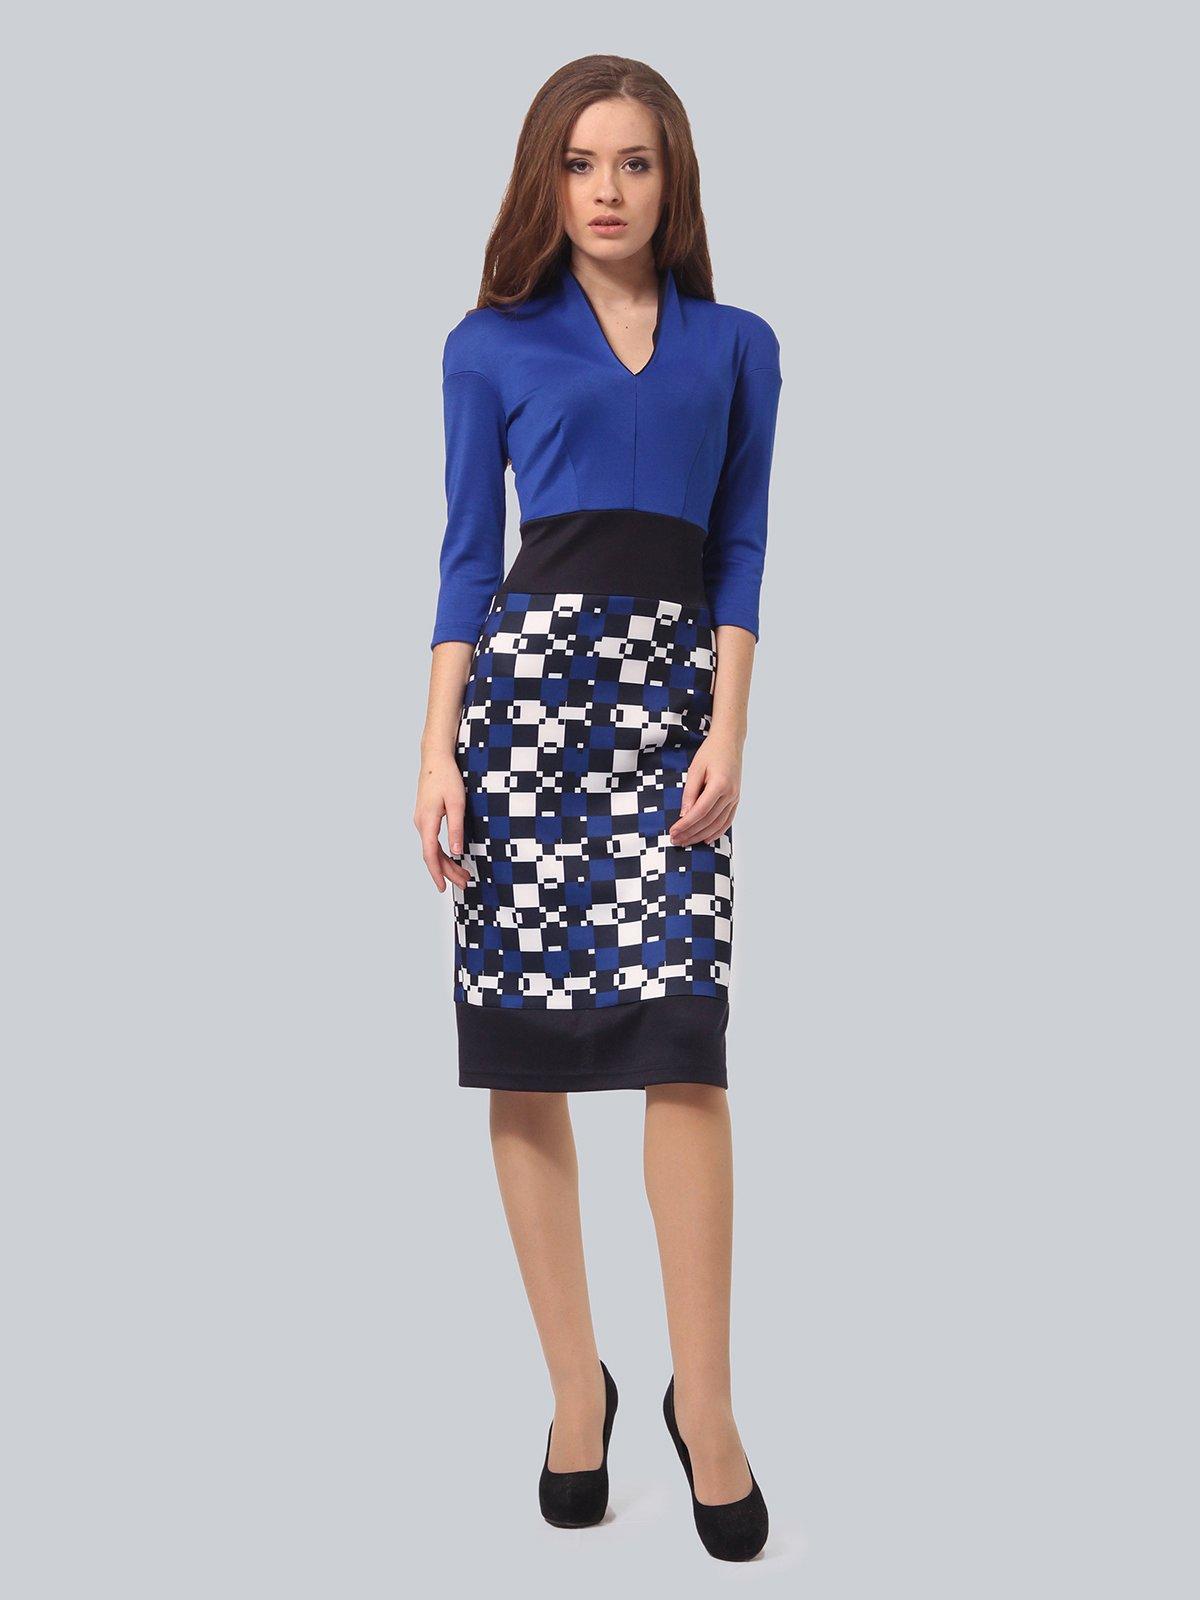 Платье синее с принтом | 3840423 | фото 2